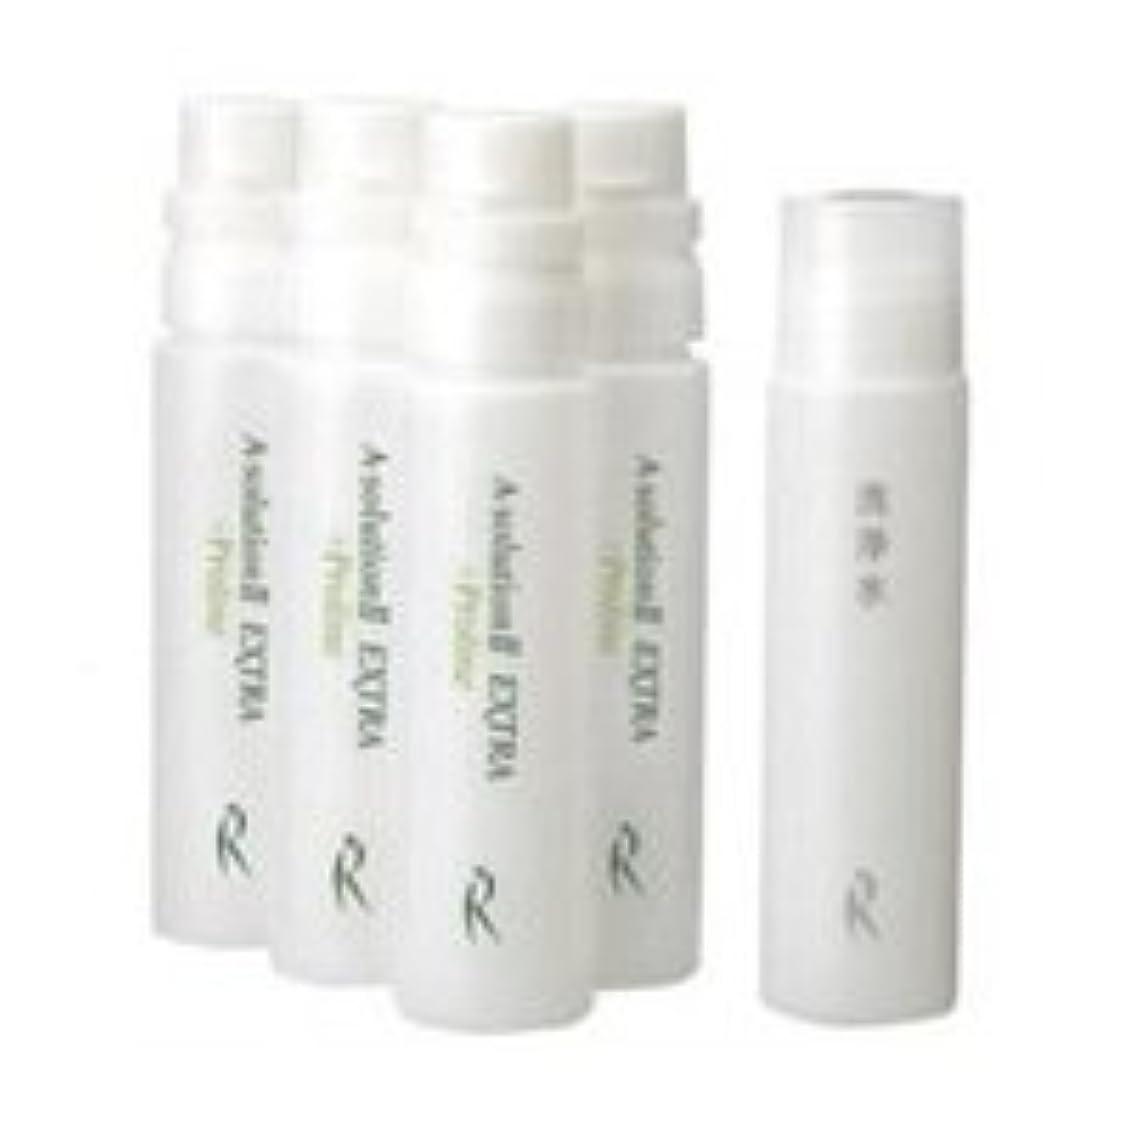 言う心から同盟A-ソリューション エクストラ+プロリン / REVENIR  レブニール プラチナアクイシモ専用美容液